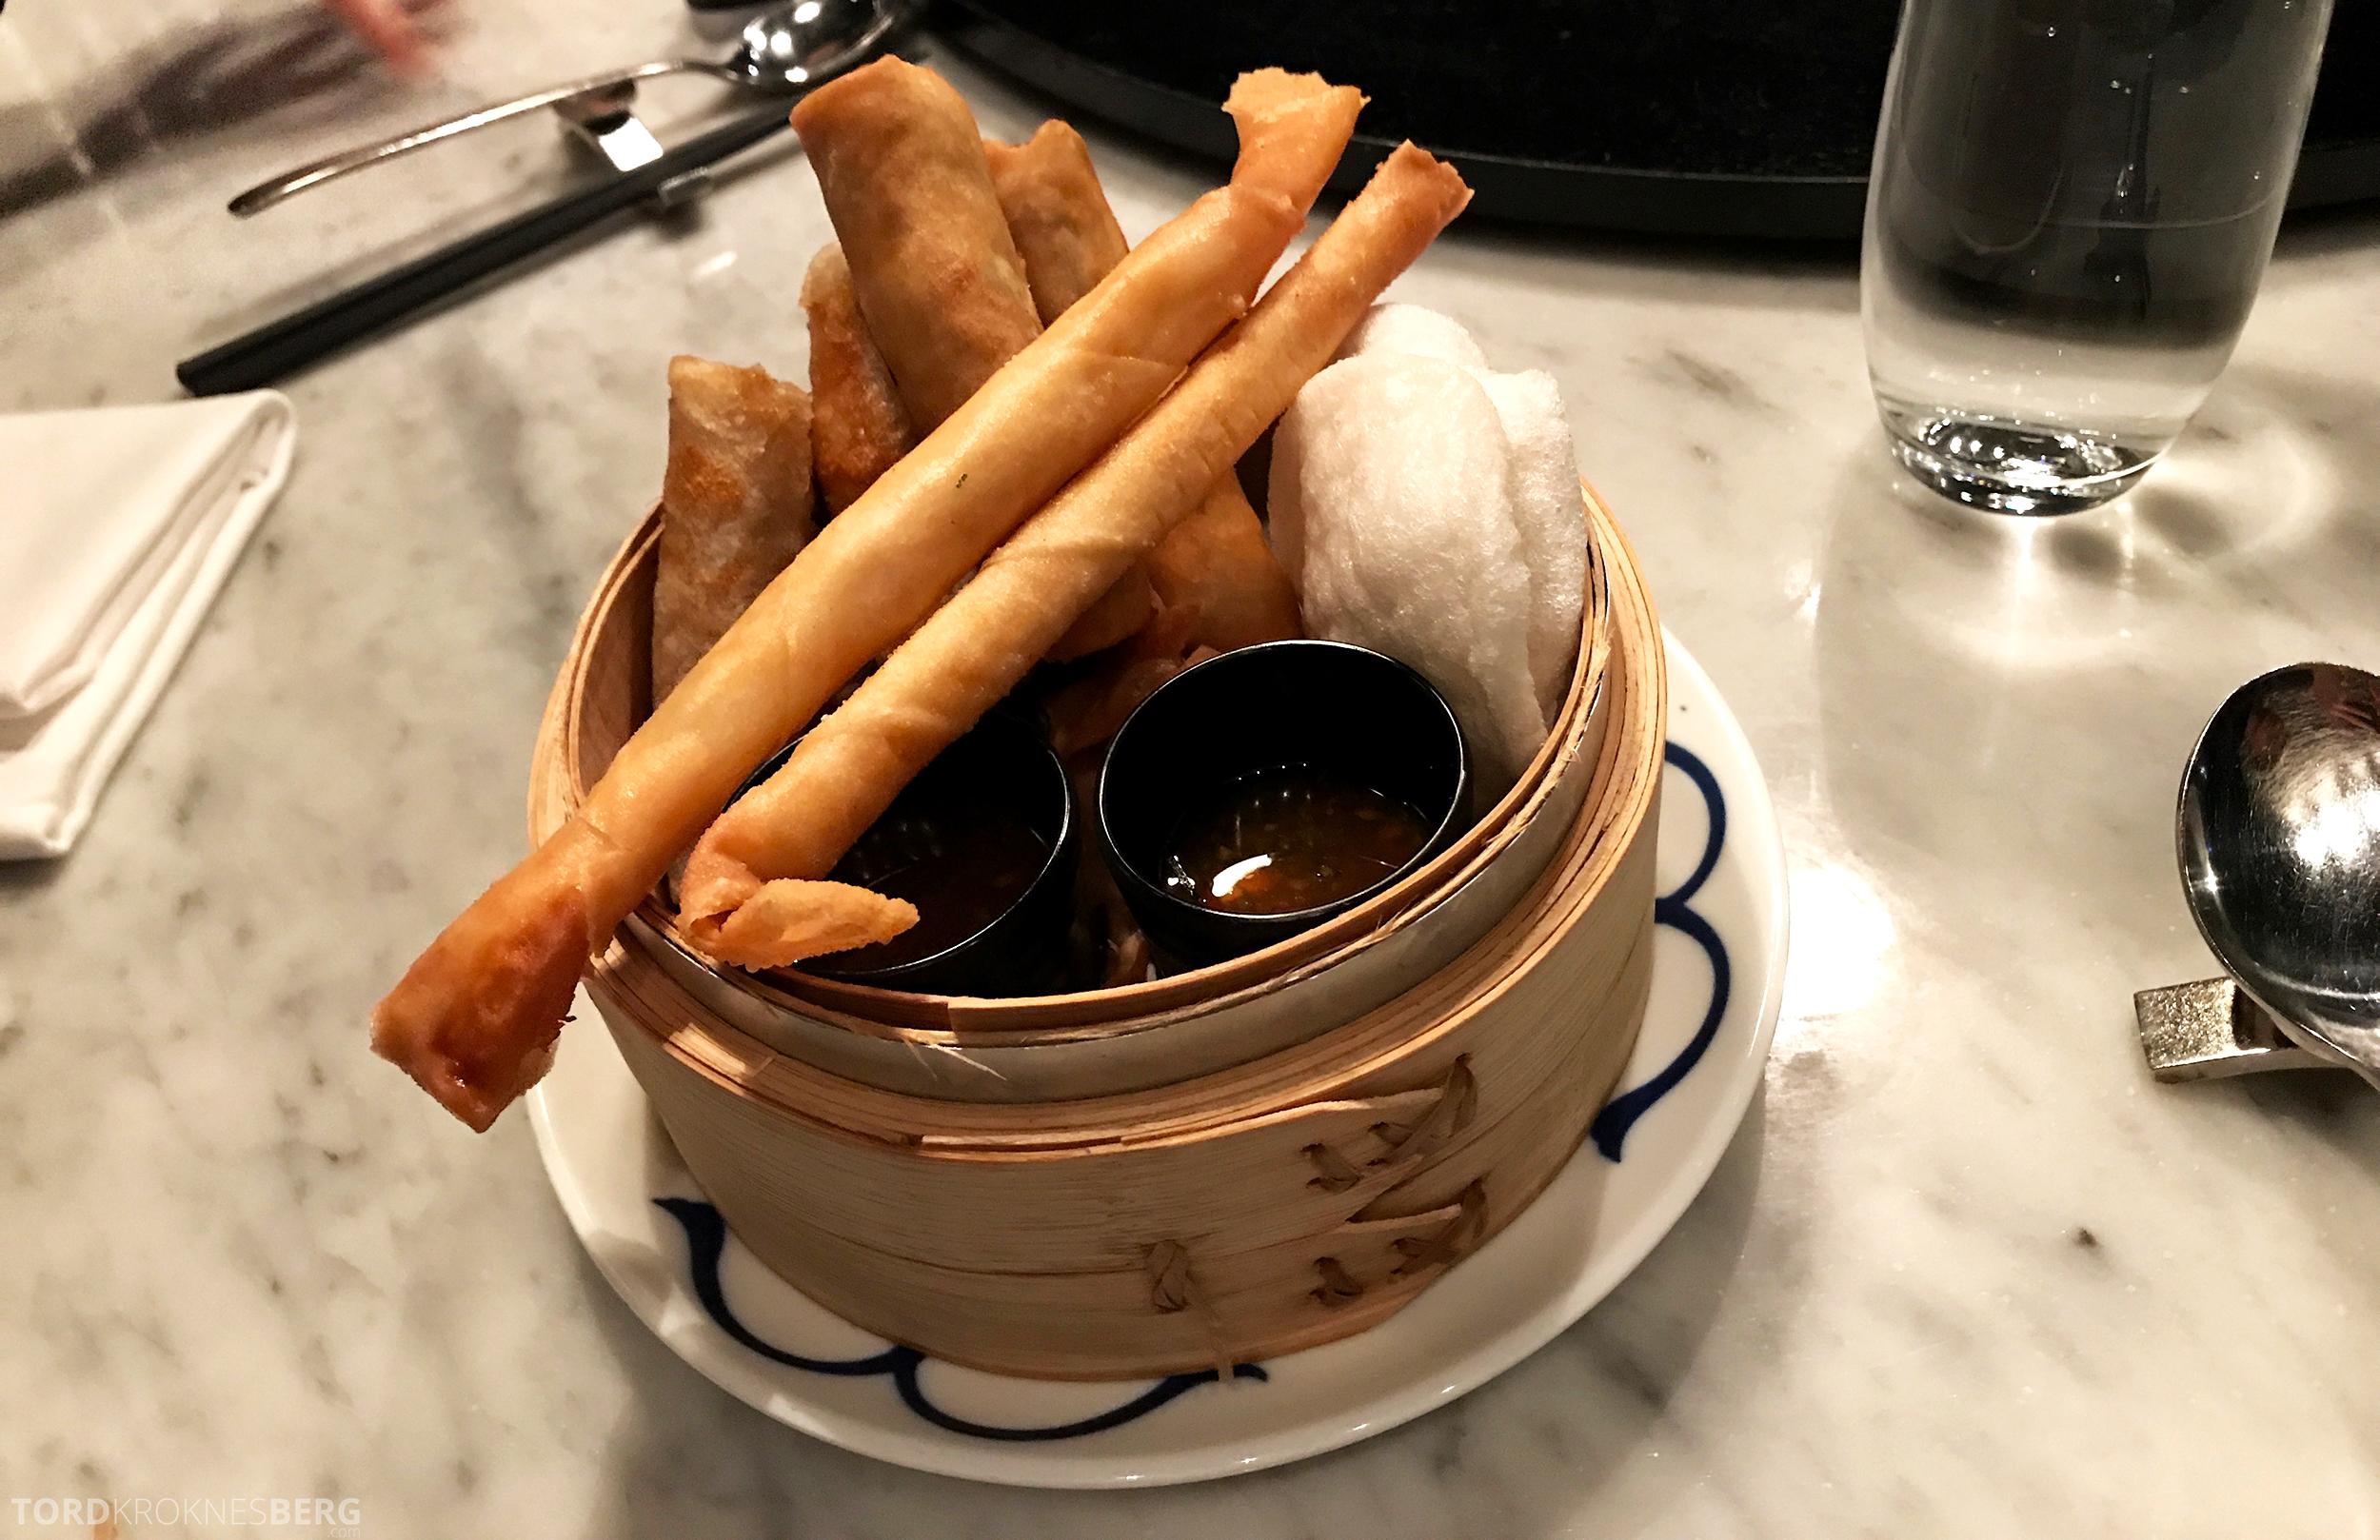 massasje eskorte fine restauranter i oslo